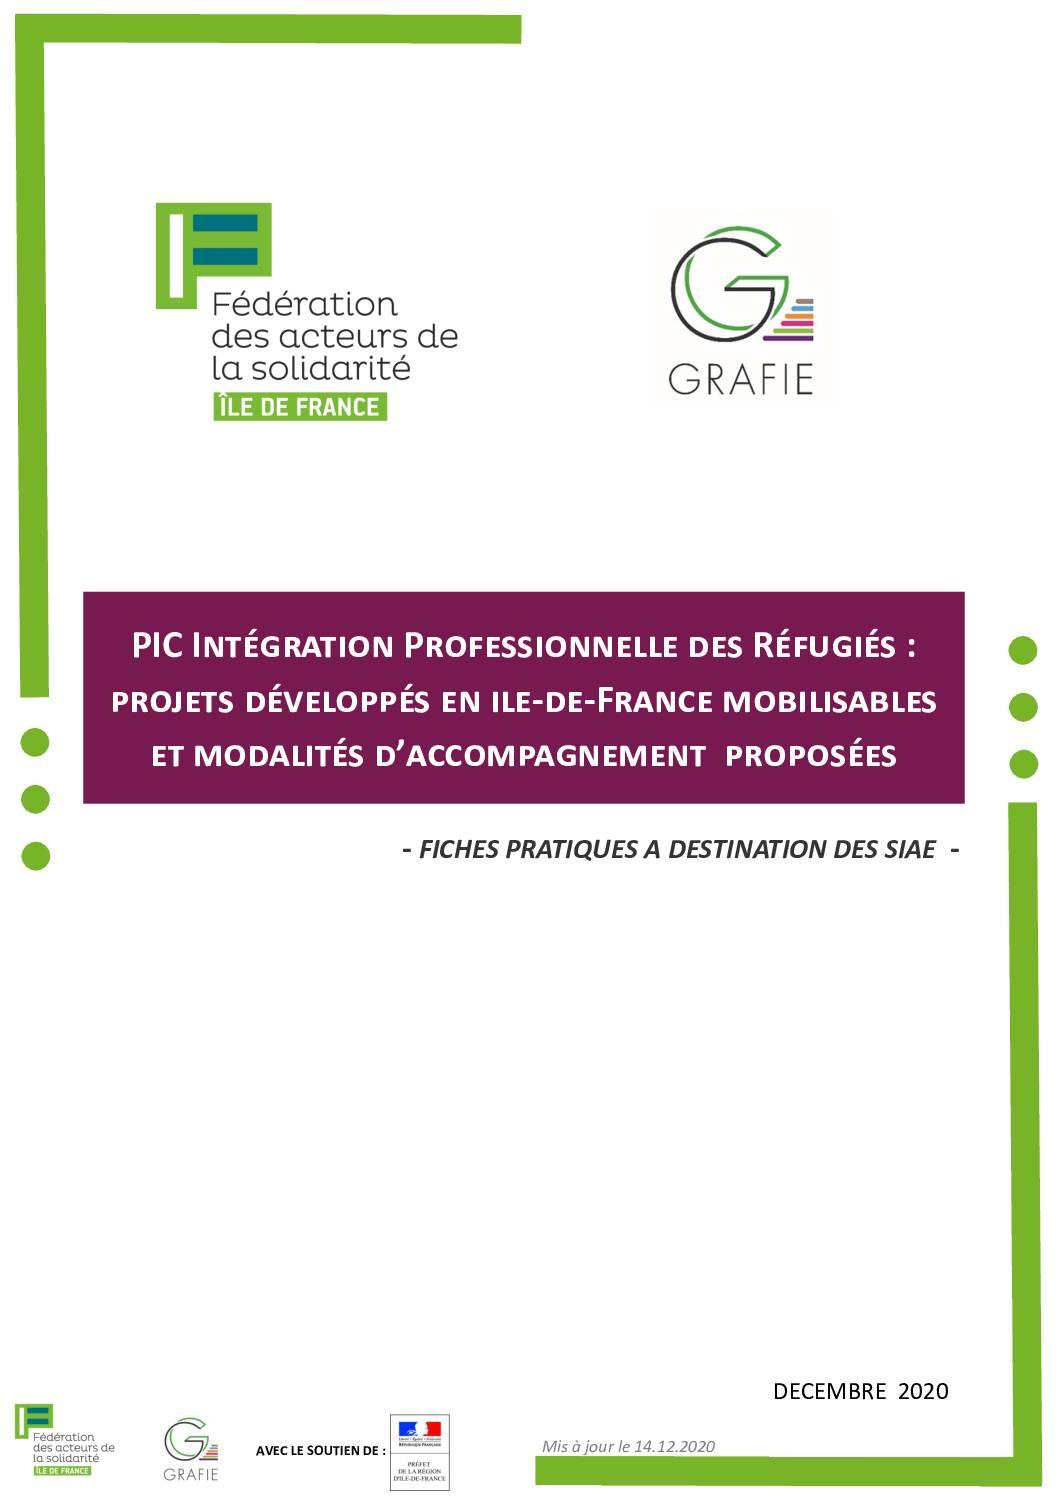 Kit de présentation des lauréats du PIC IPR En Ile-de-France